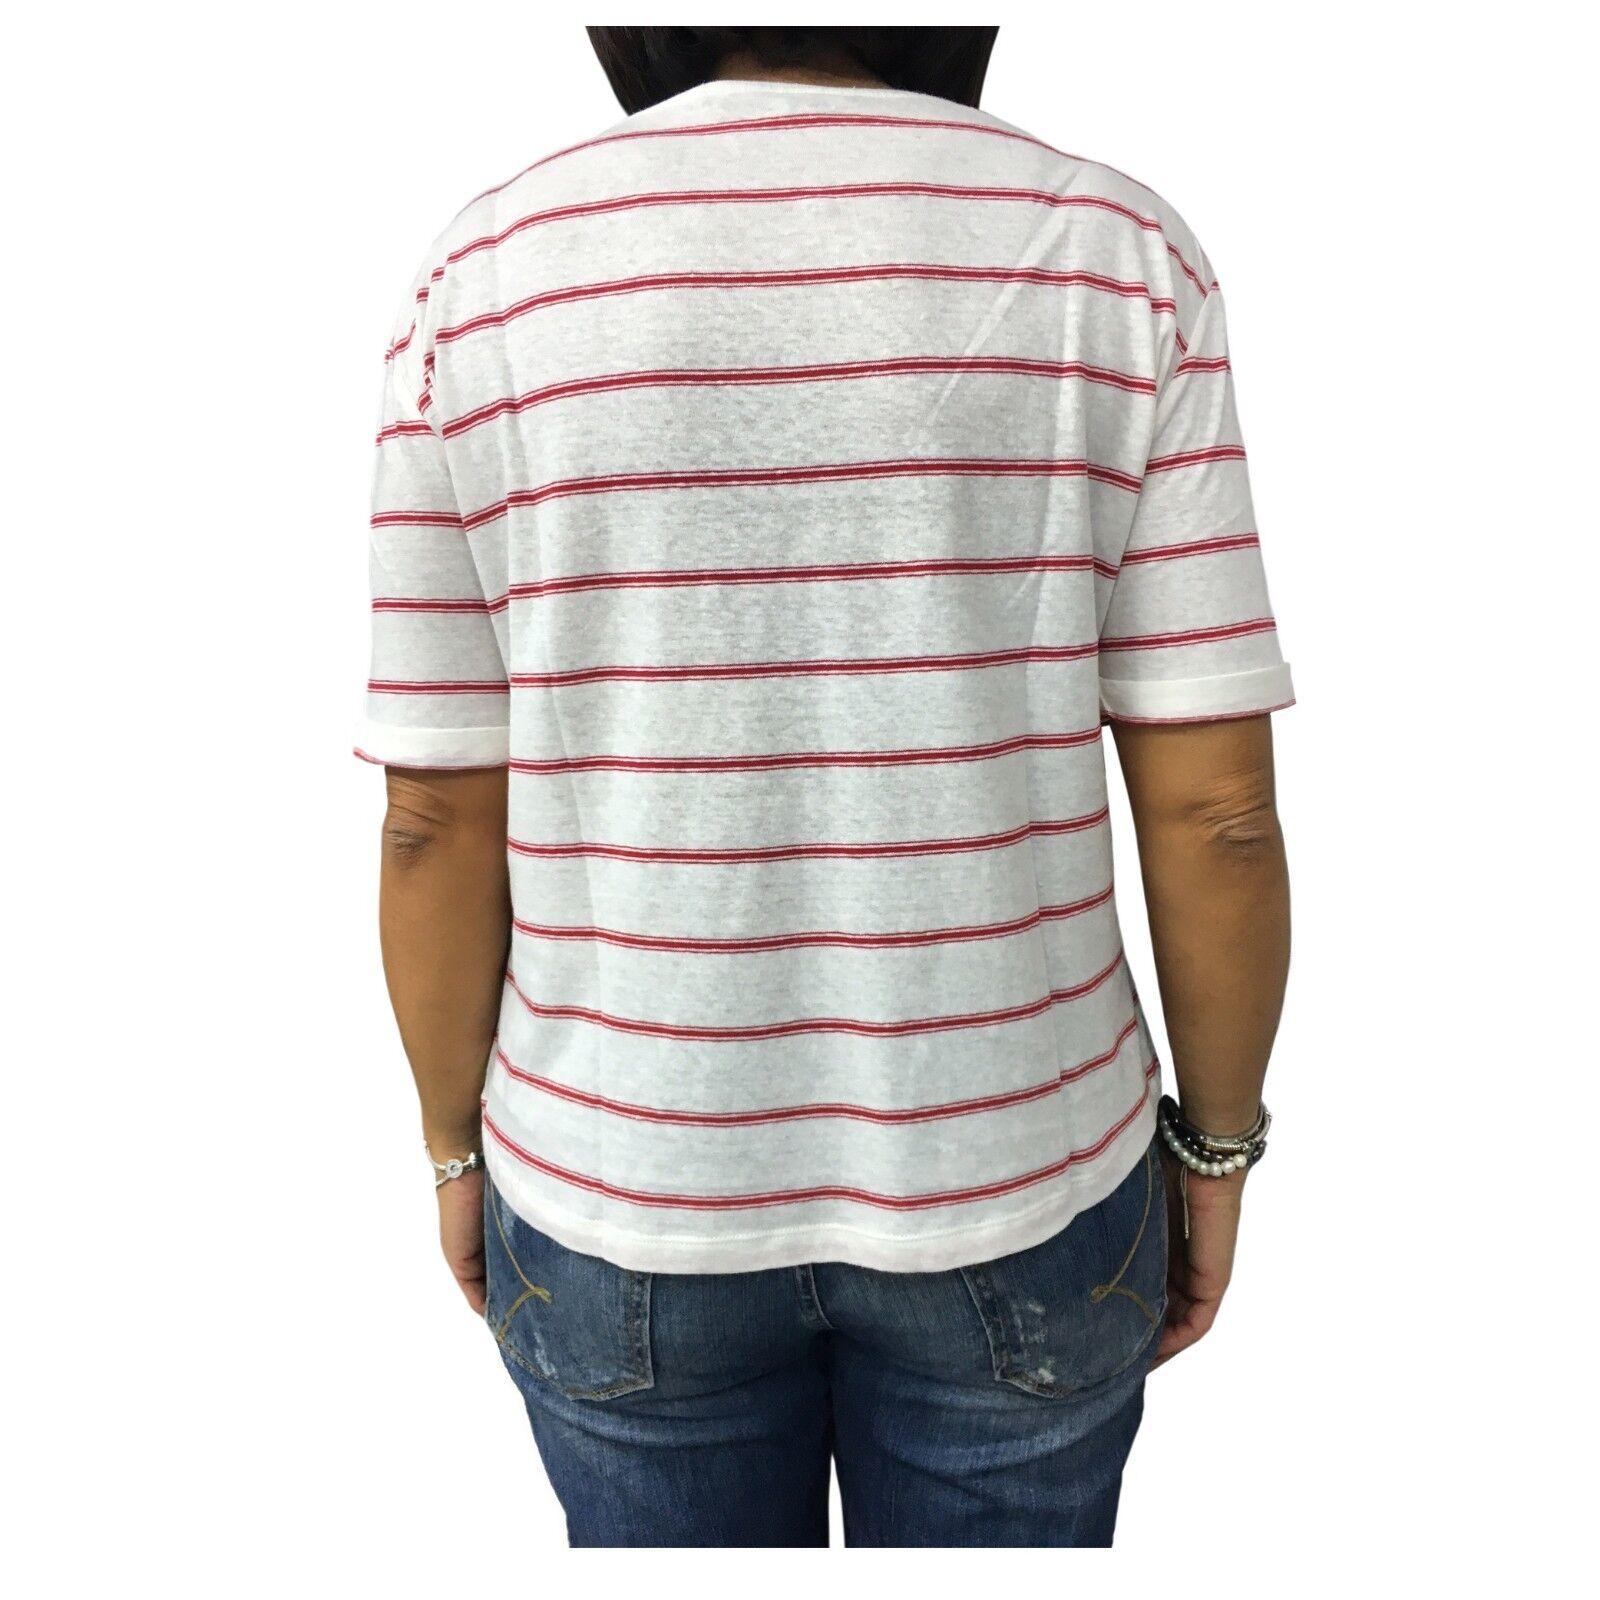 LA FEE MARABOUTEE T-Shirt Streifen weiß     rot 75% Leinen 25% Baumwolle FA7324 | Verschiedene Waren  | Ausgezeichnete Leistung  | Online  a01718